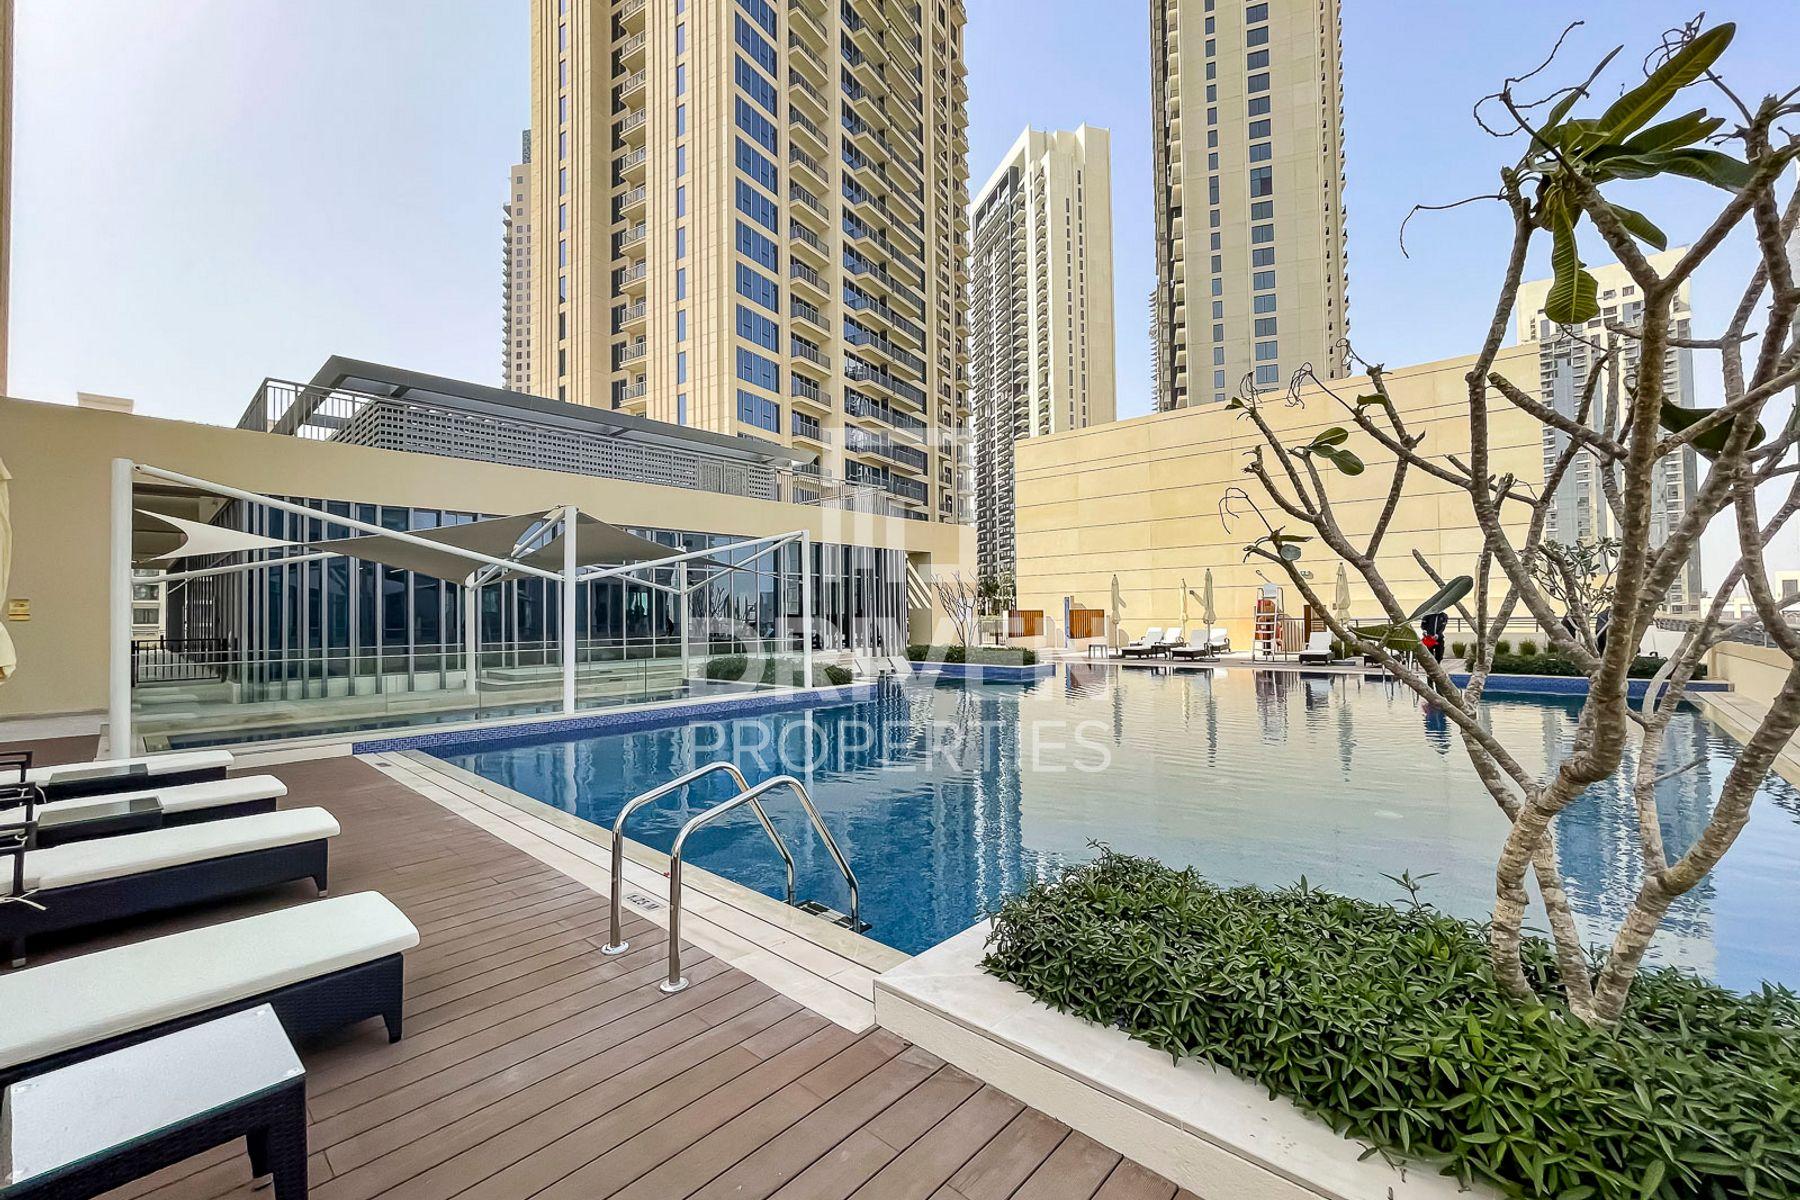 للايجار - شقة - 2 هاربور فيوز - ميناء خور دبي